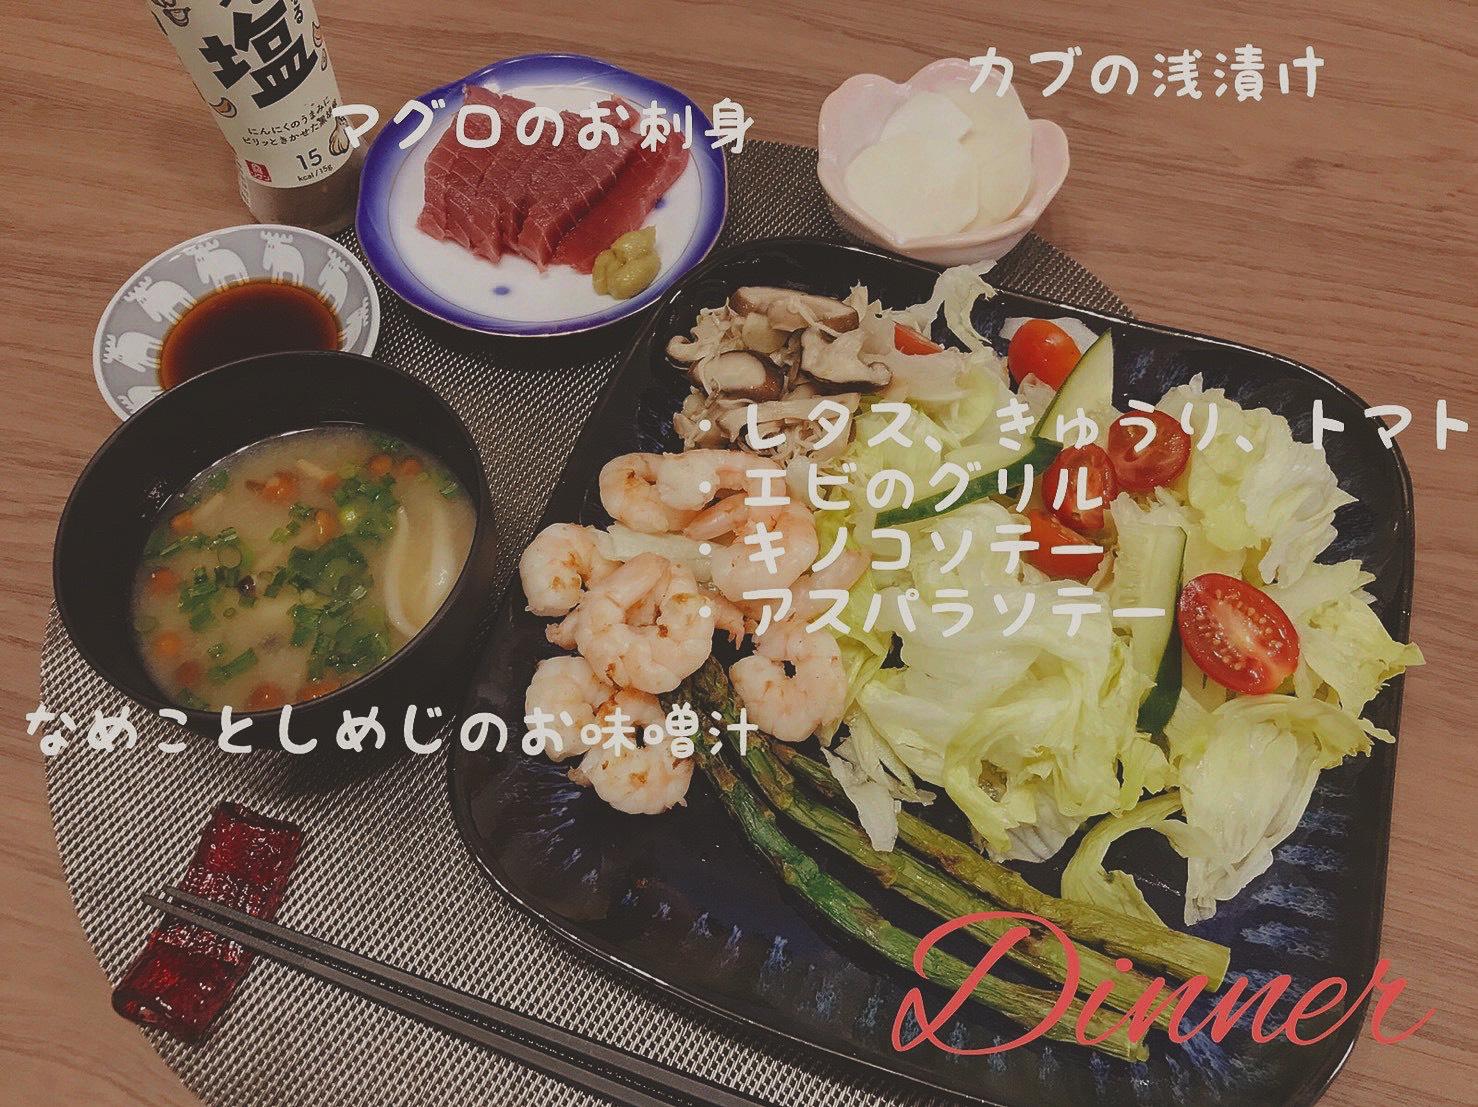 グッドなダイエット食事例@福岡パーソナルジム